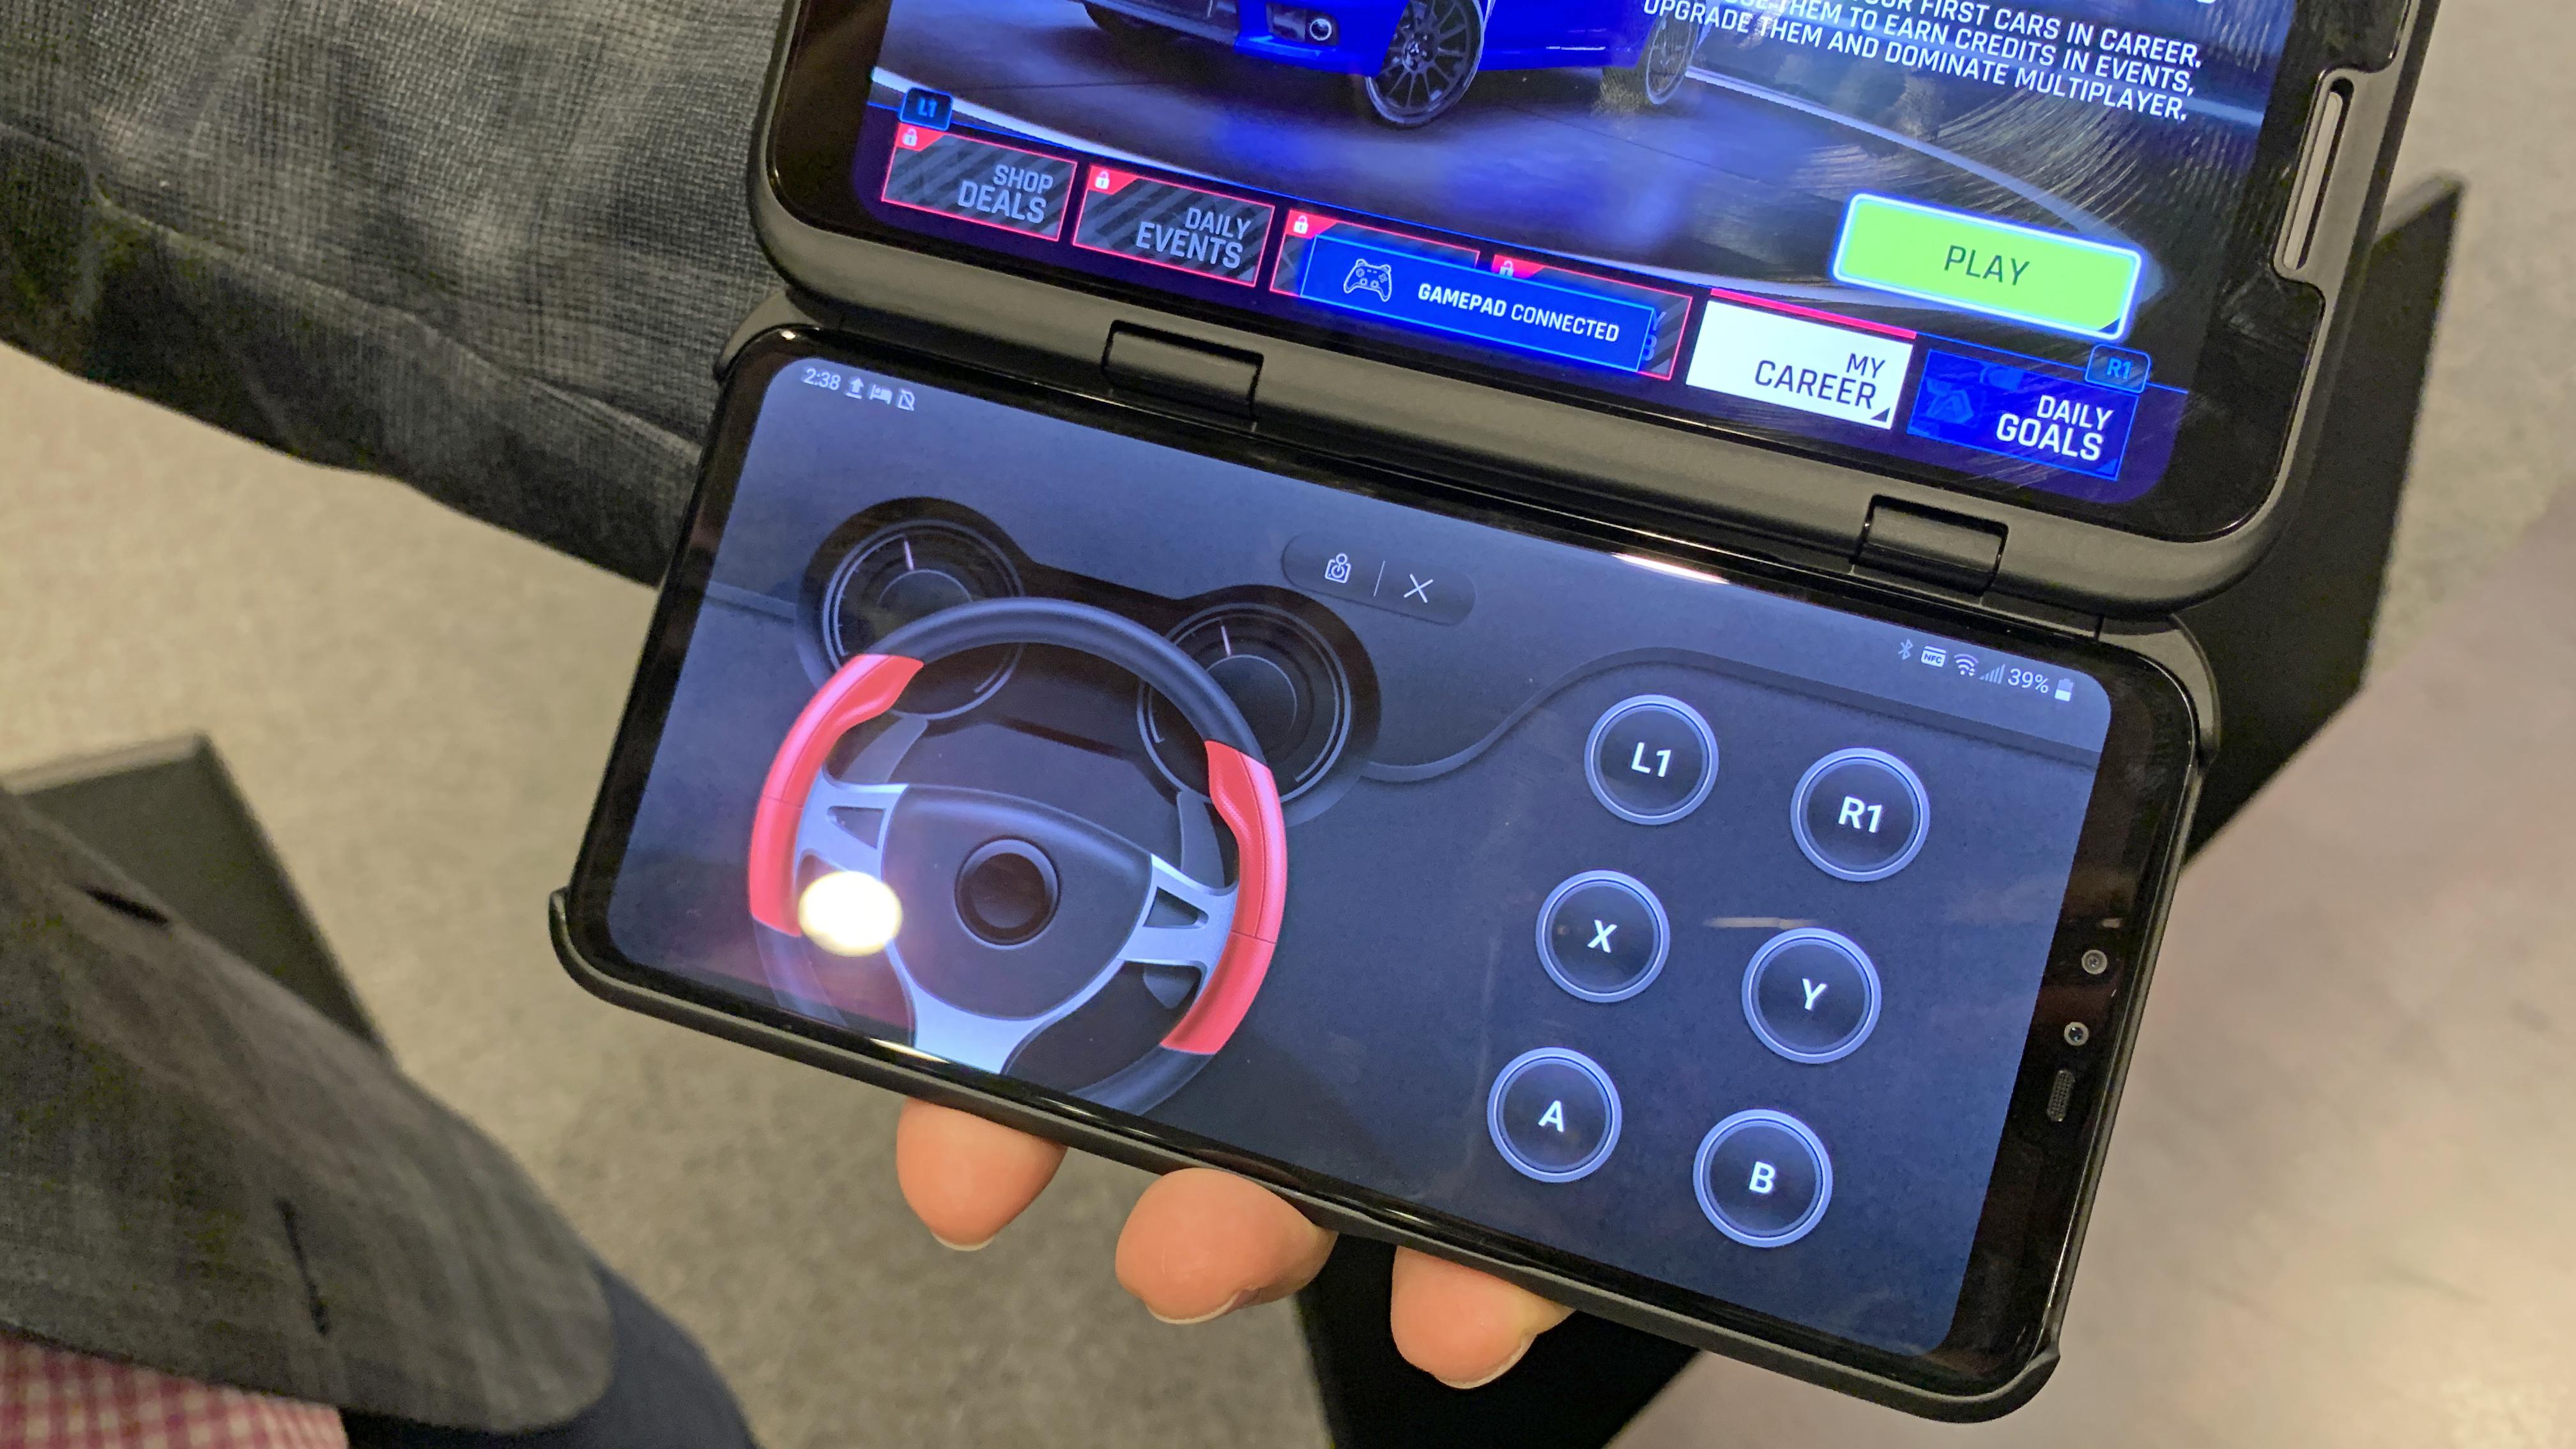 DualScreen: first look LG's alternative 4ENZWv8JuZq9dS7NdnoK